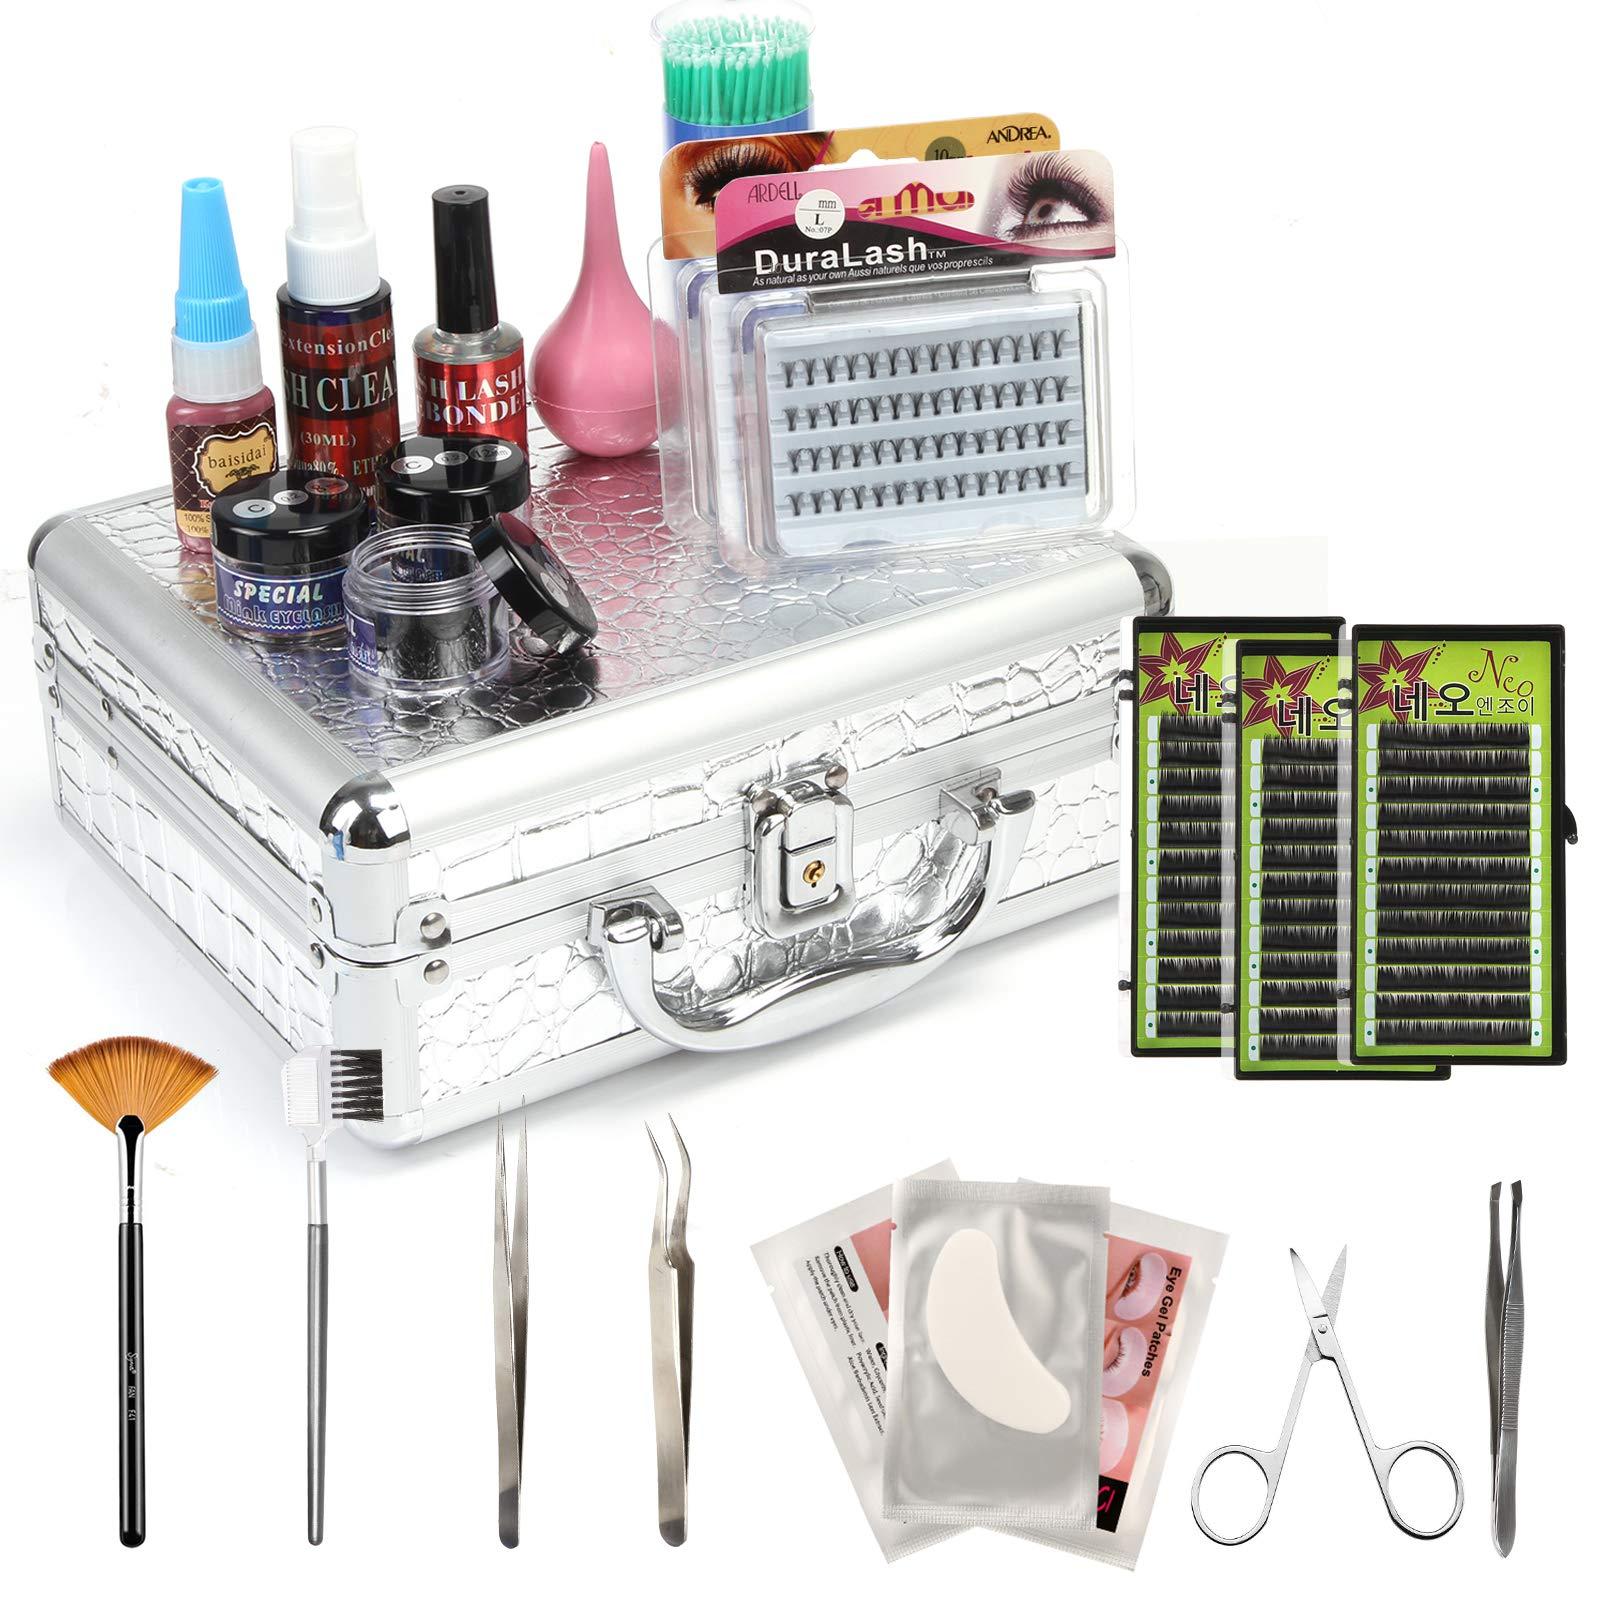 Baisidai False Lashes Individual Extension Eyelash Micro Brushes Glue Tools Kits Case Set by BAISIDAI